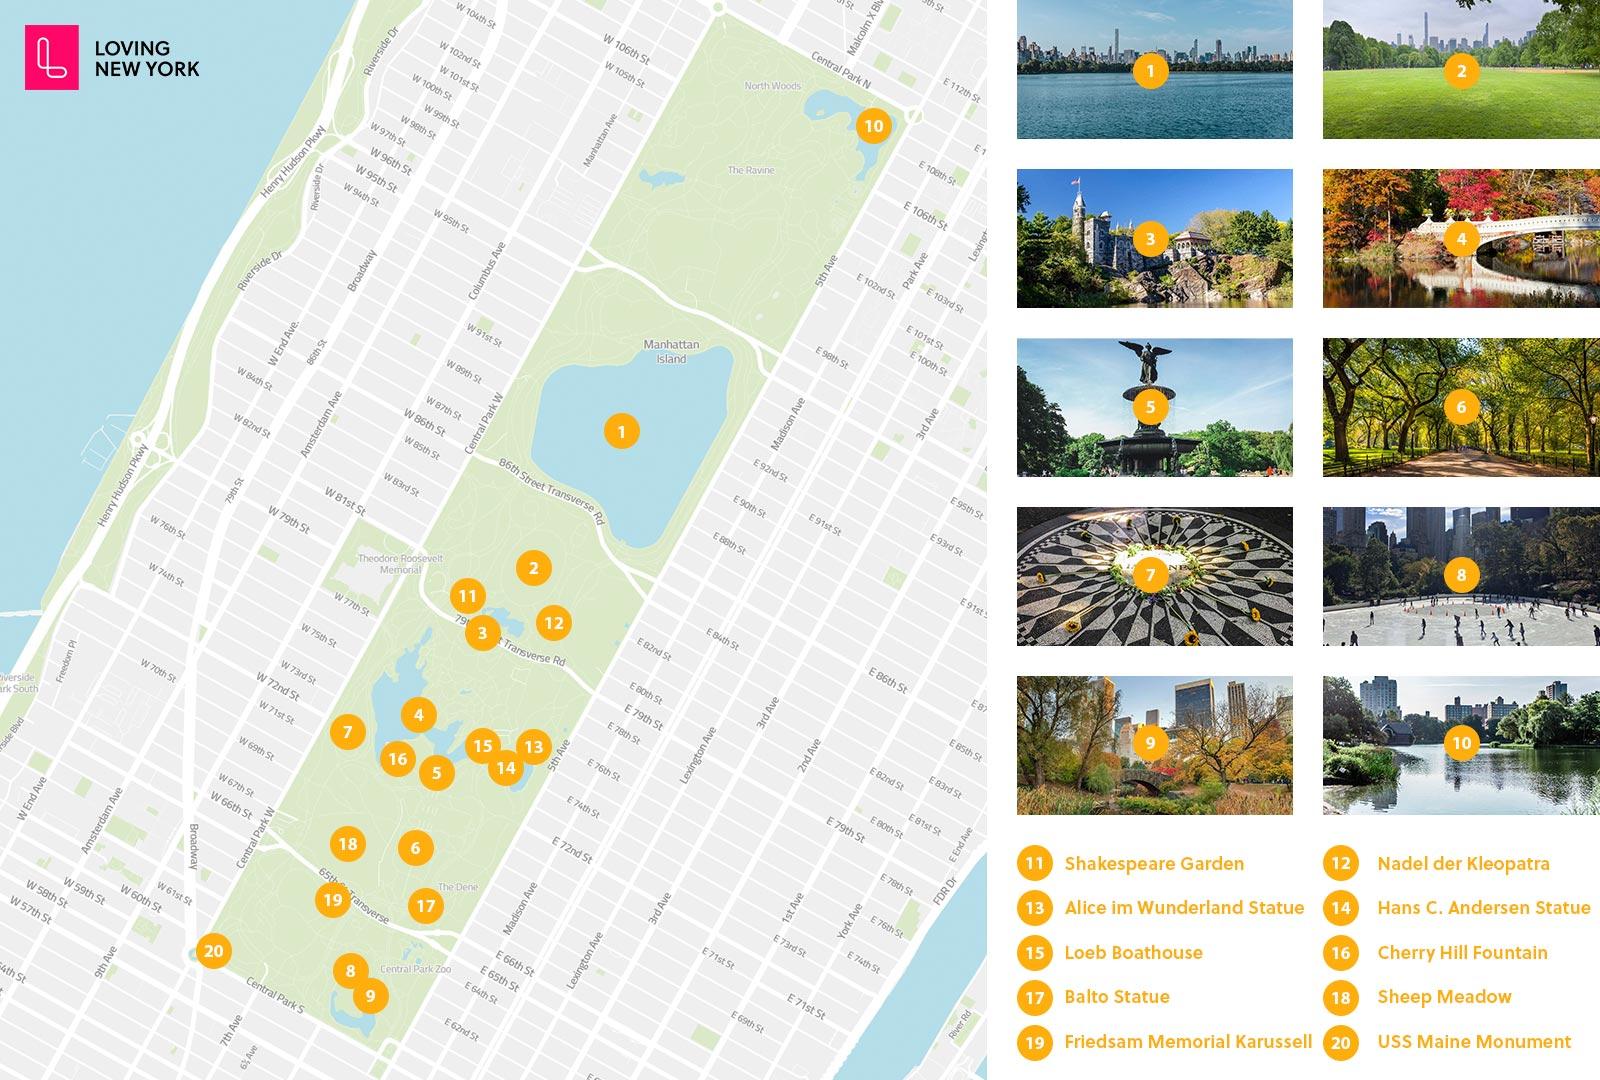 Die Besten Sehenswurdigkeiten Im Central Park New York 2020